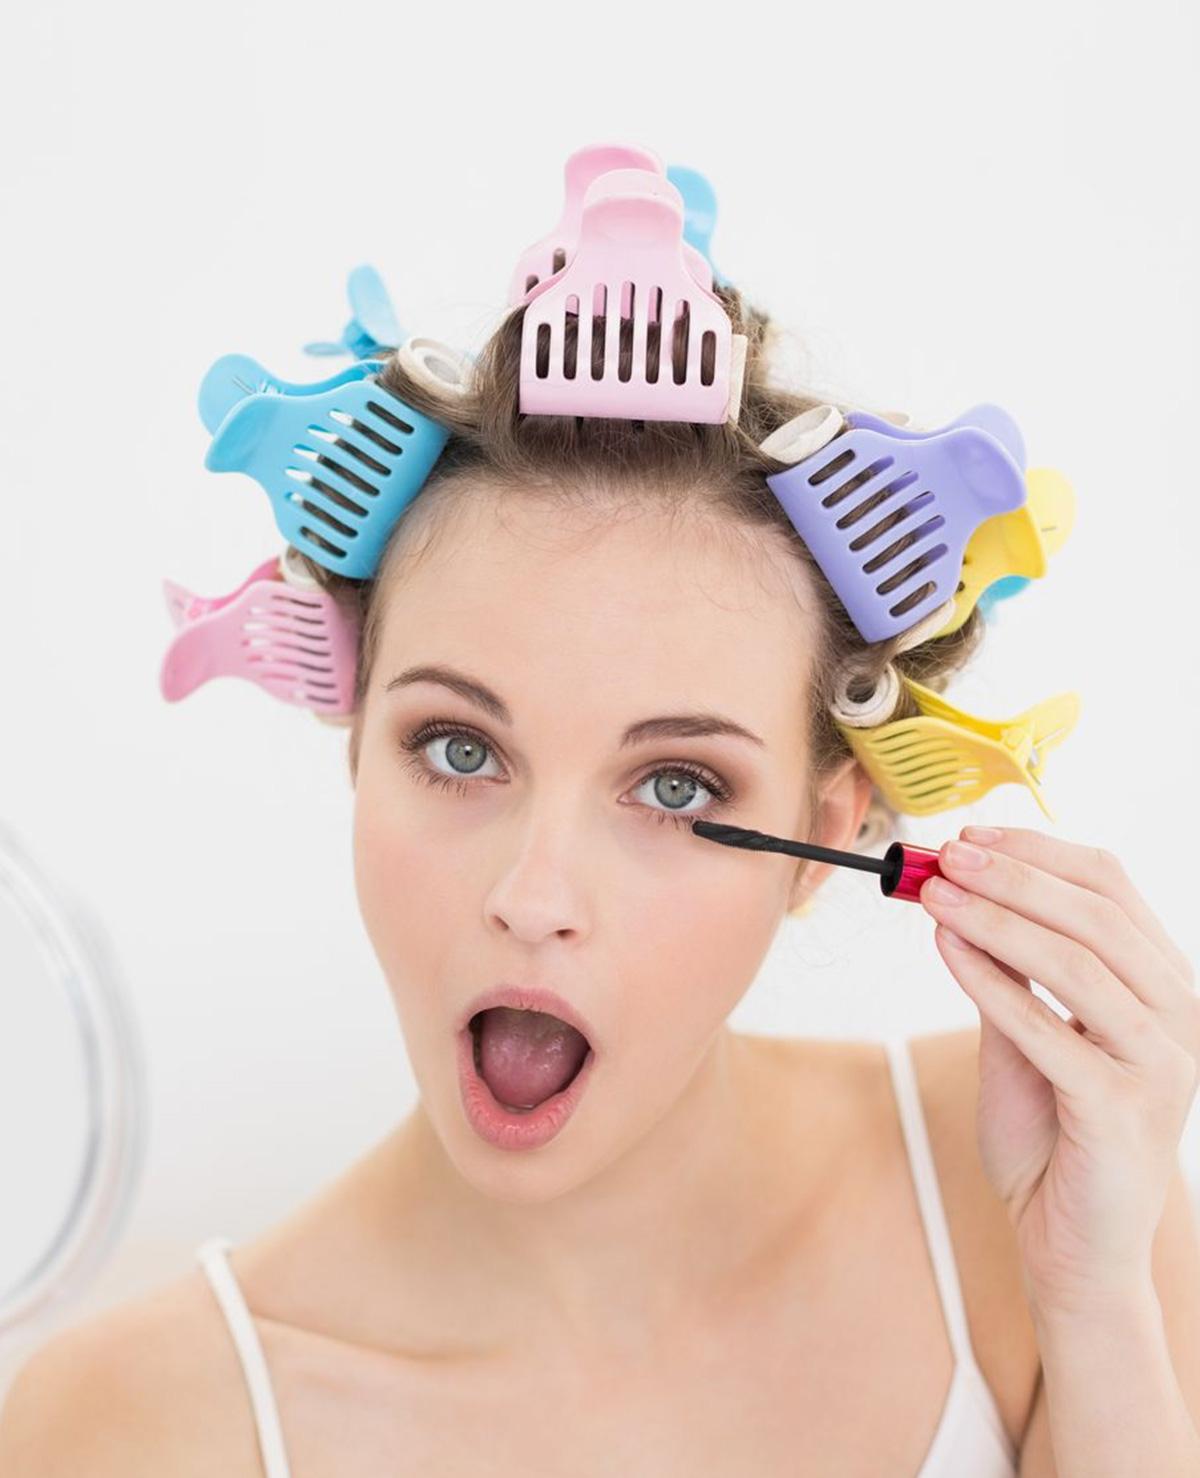 Waarom we mascara aanbrengen met onze mond open? Dat zit zo!